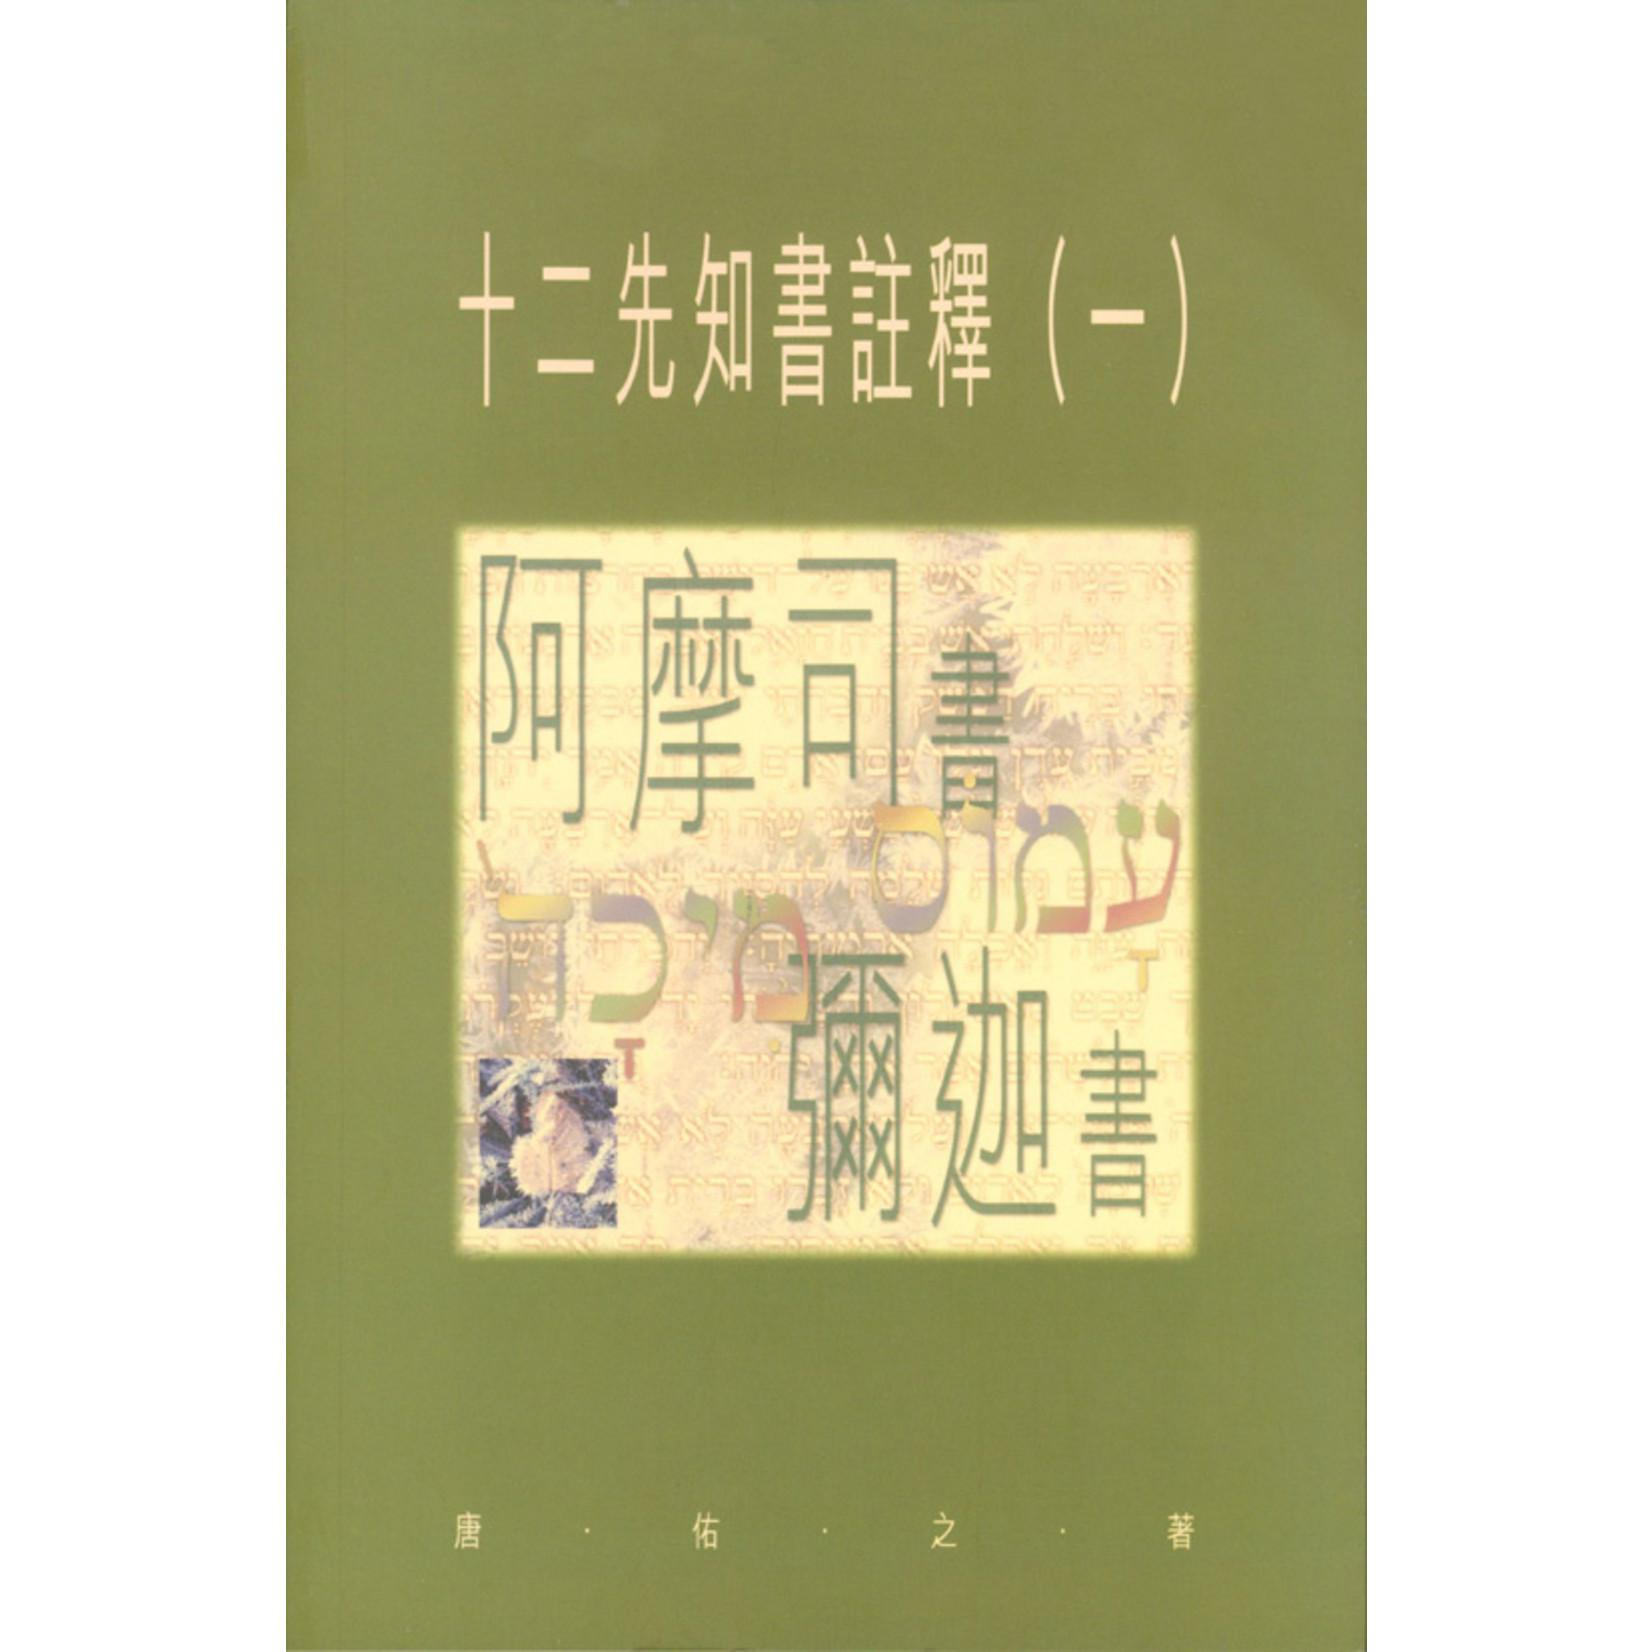 天道書樓 Tien Dao Publishing House 聖經研究叢書:十二先知書註釋(一)──阿摩司書、彌迦書